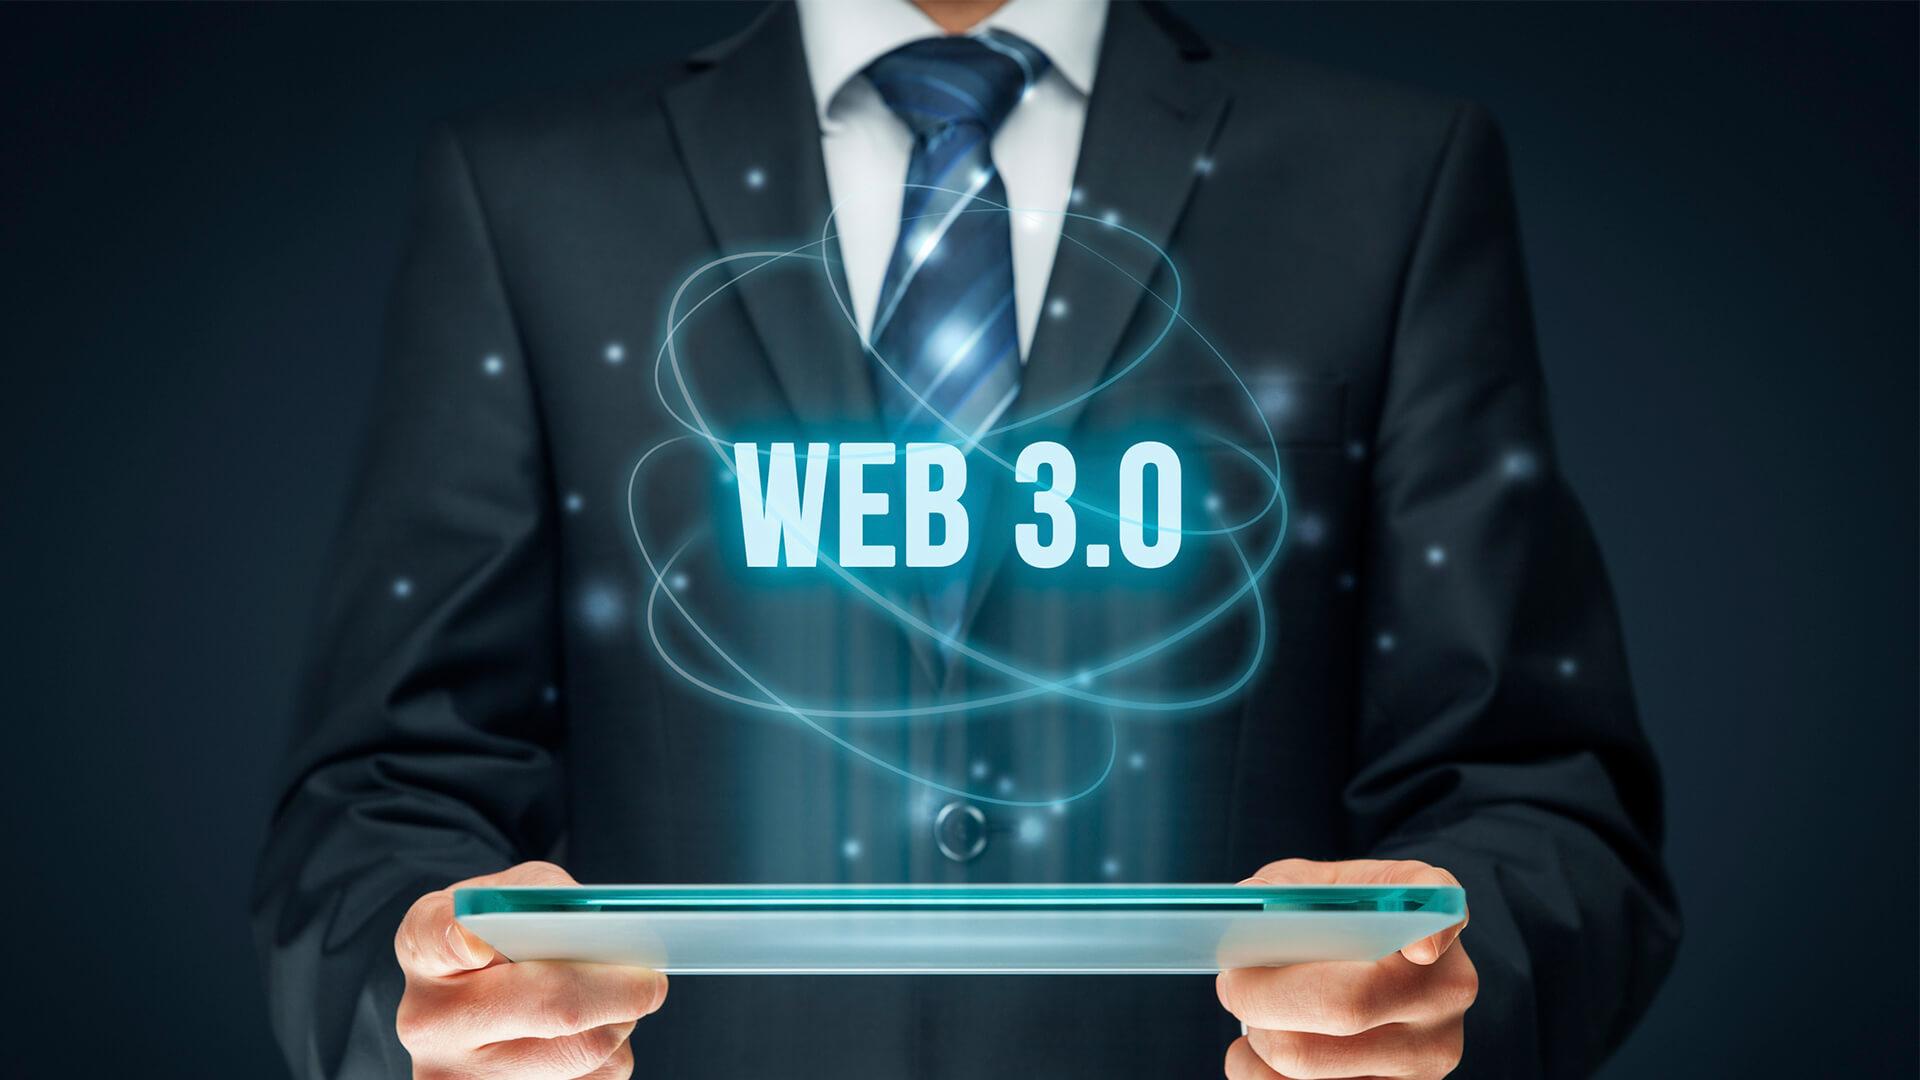 Já ouviu falar da Web 3.0?